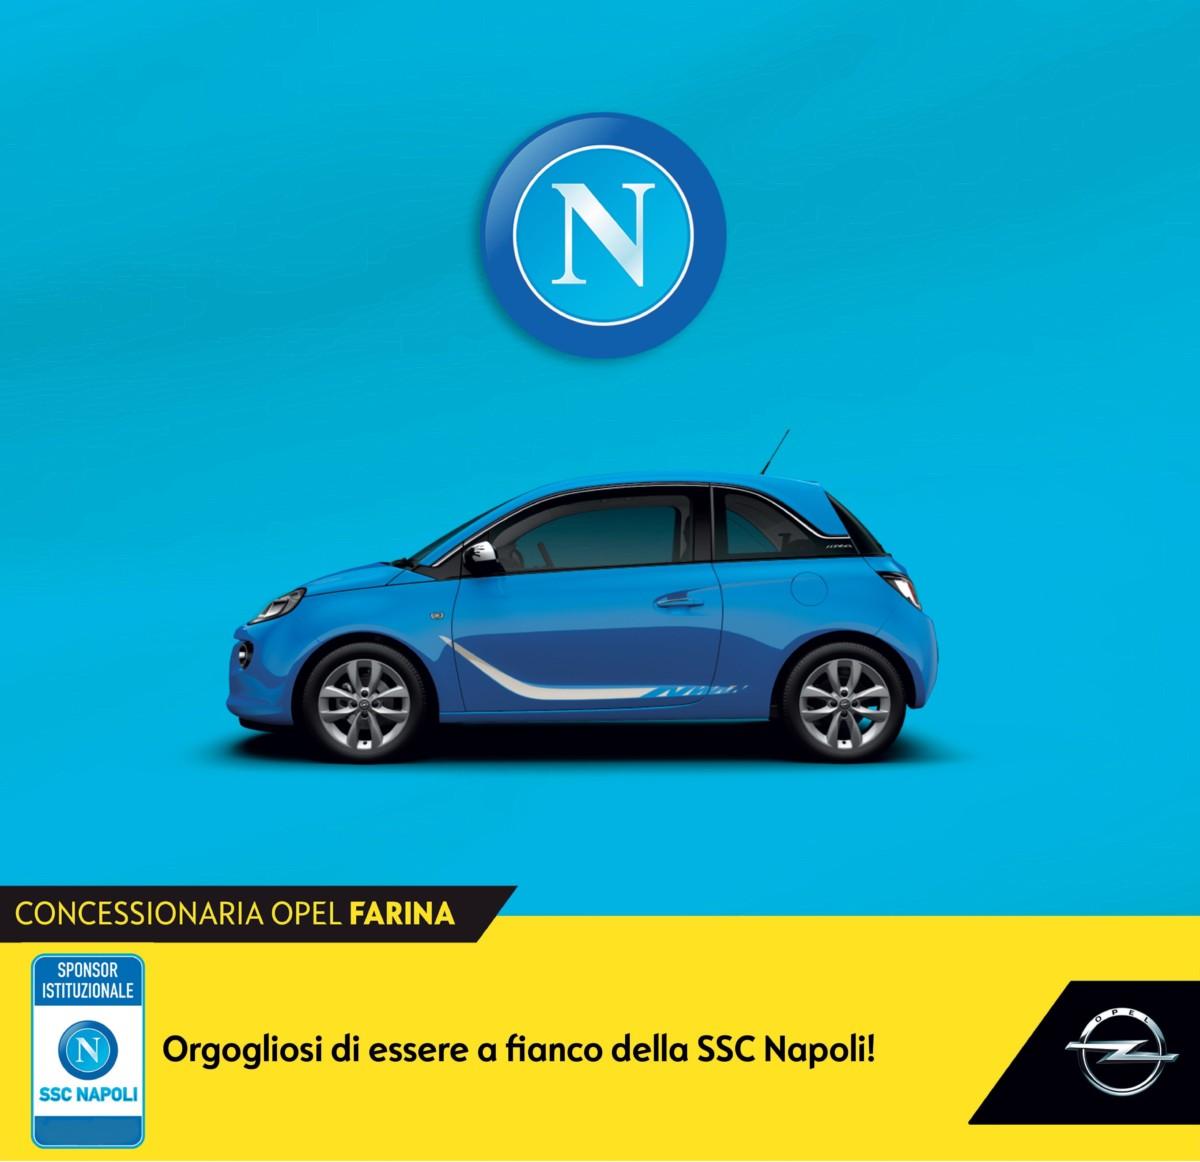 Opel rinnova la partnership con SSC Napoli